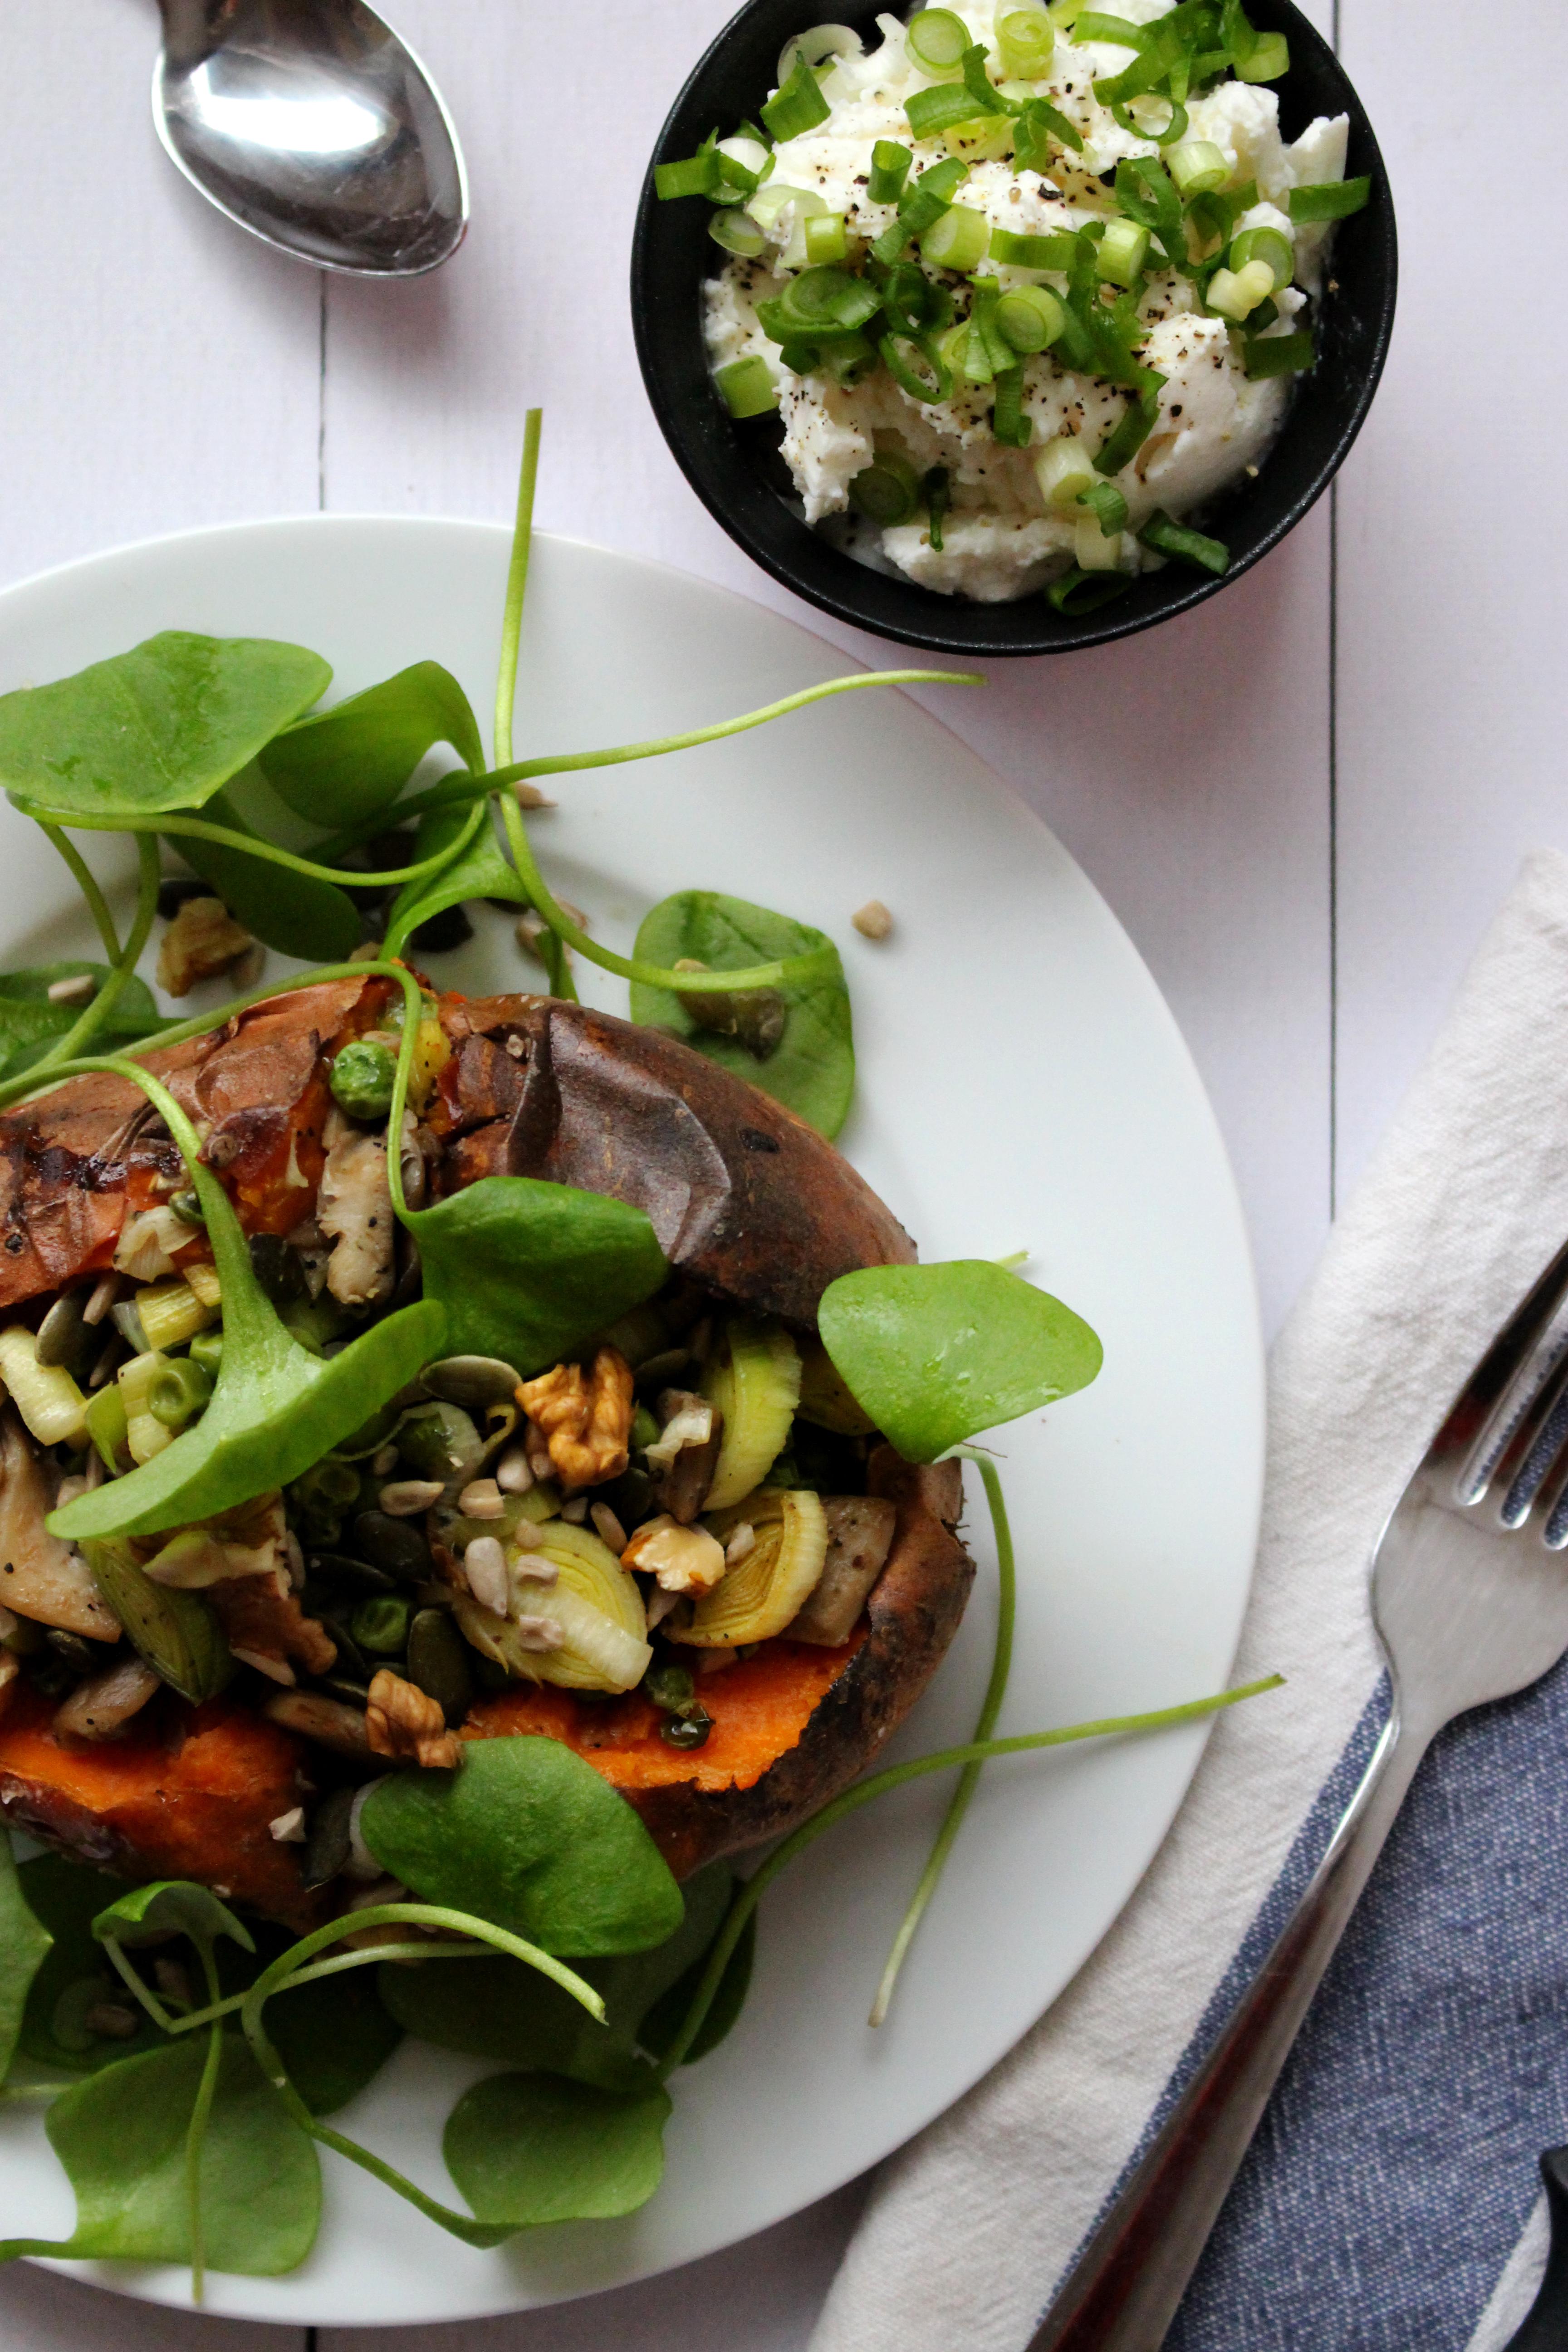 Vegetarisch recept gevulde bataat zoete aardappel seizoensgroente januari